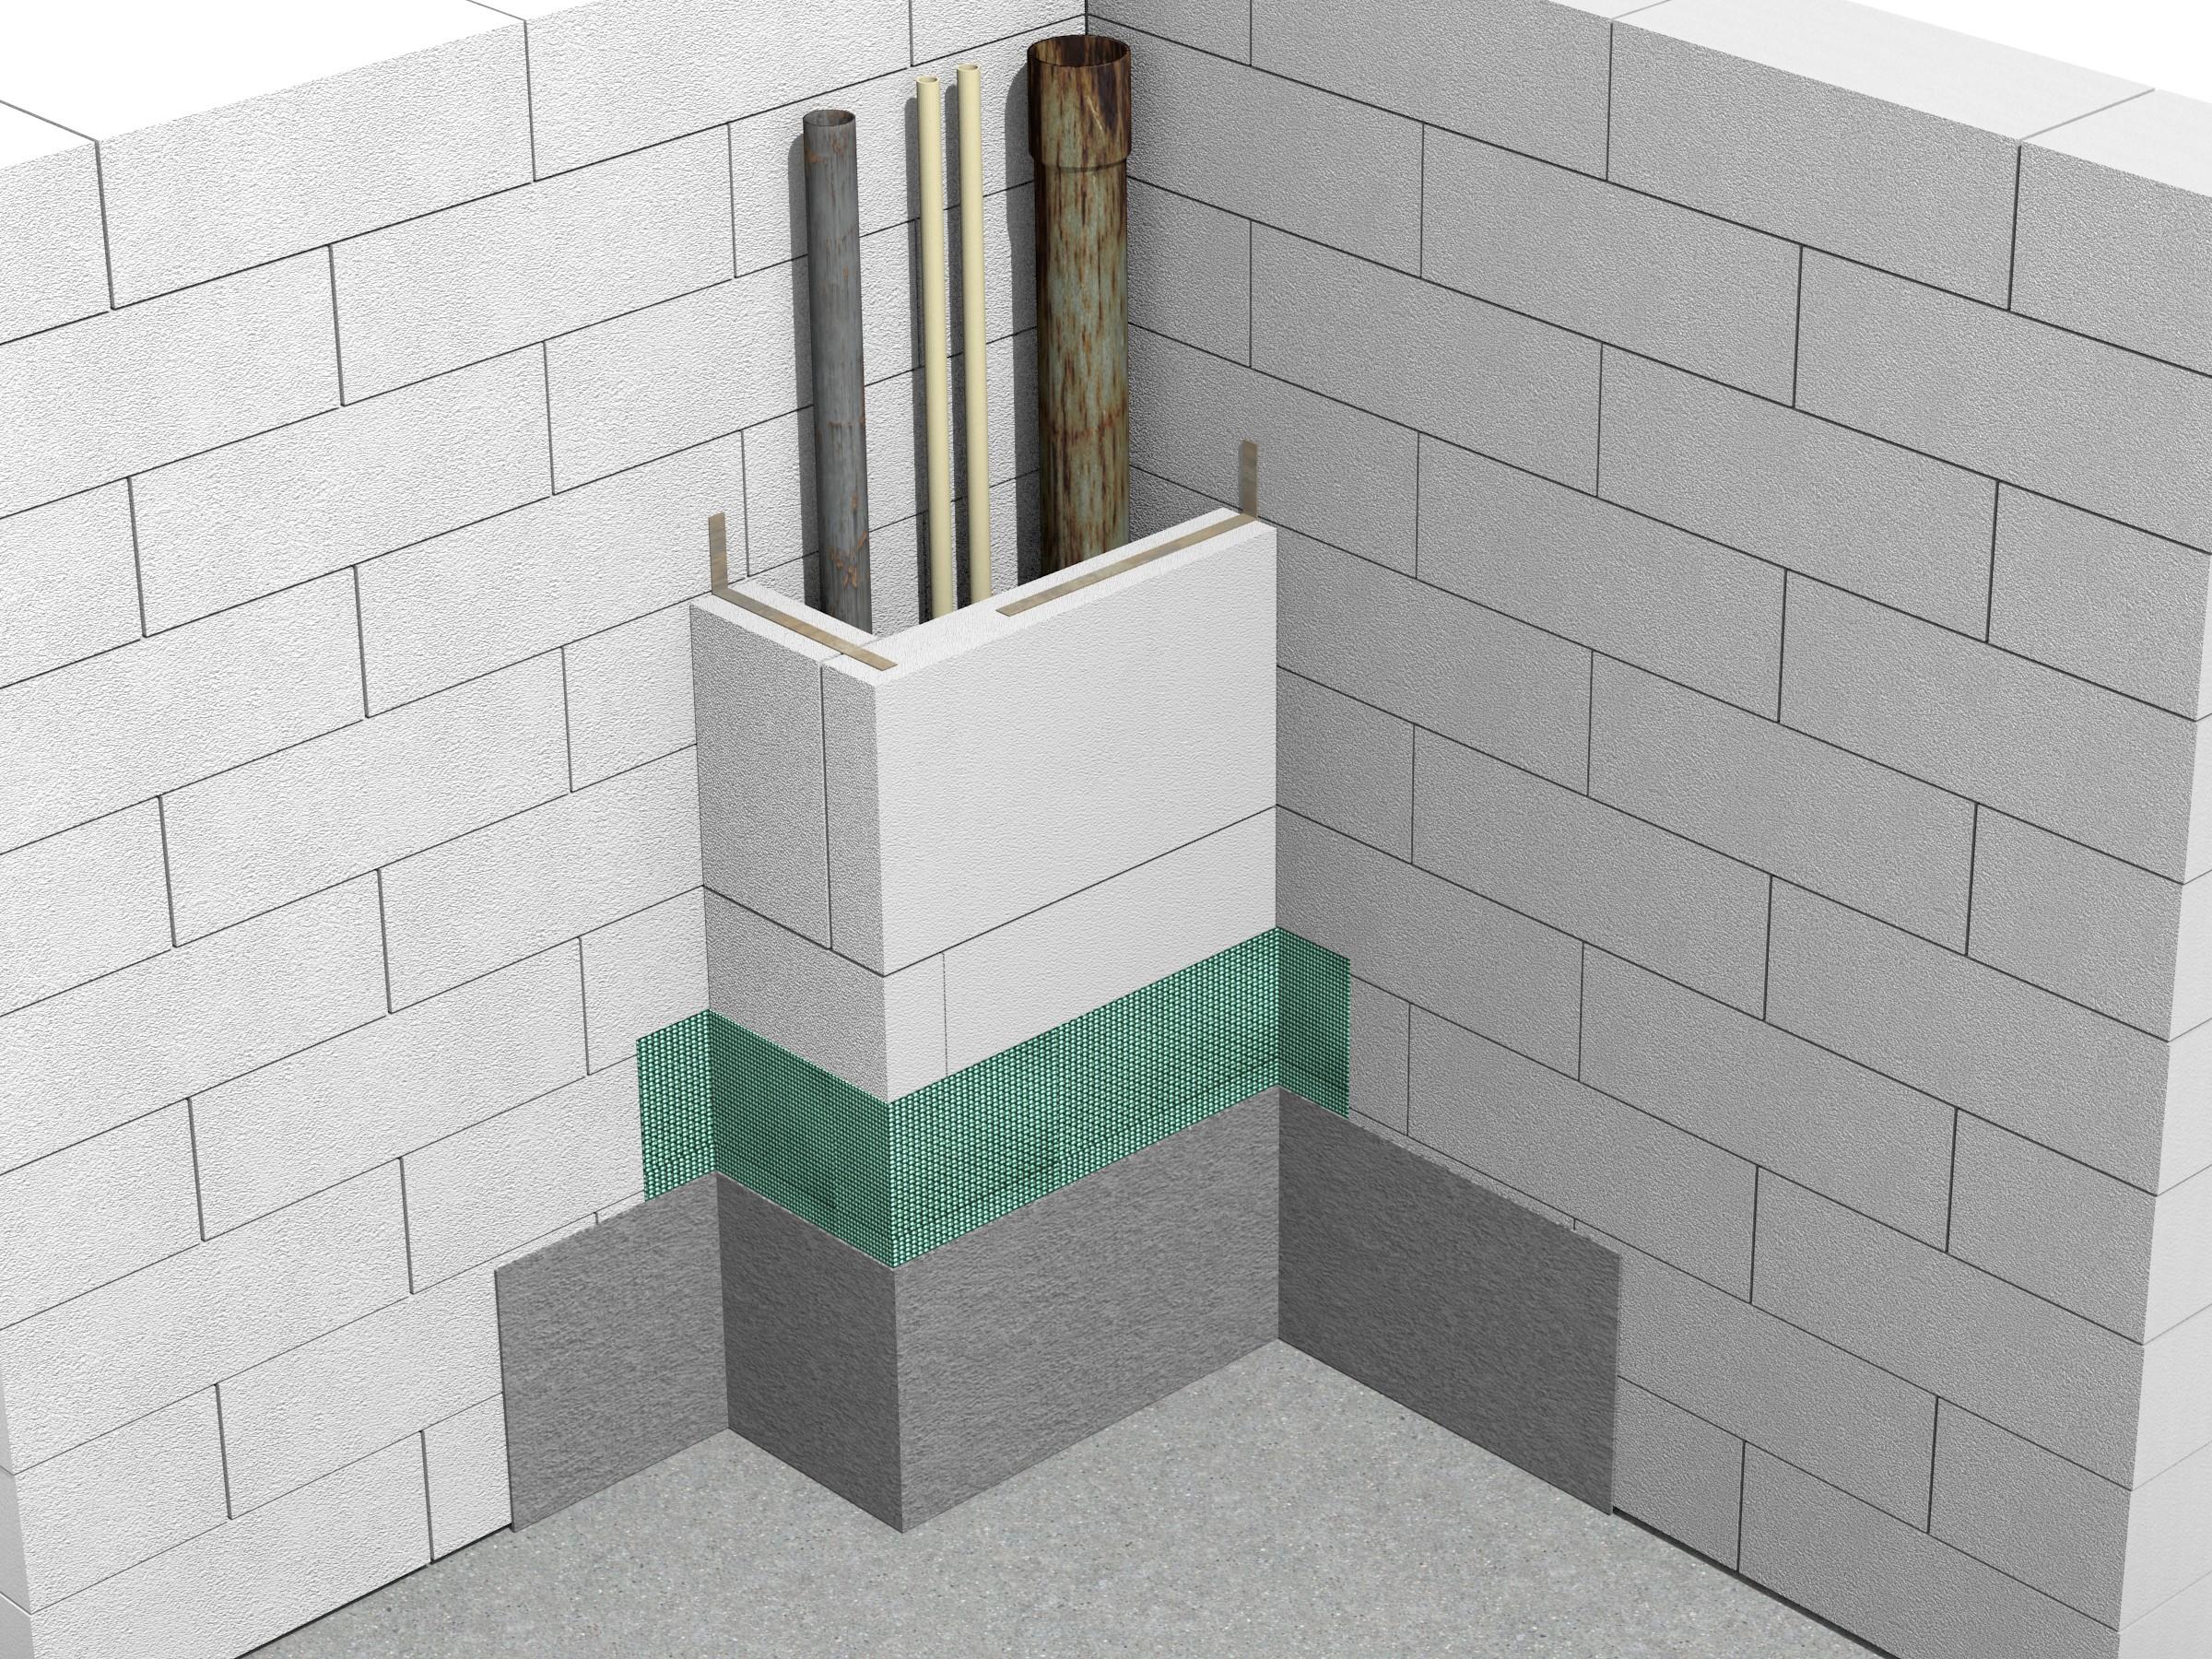 Detaliu ghena de instalatii cu elemente Ytong Design - Alte constructii din zidarie Ytong